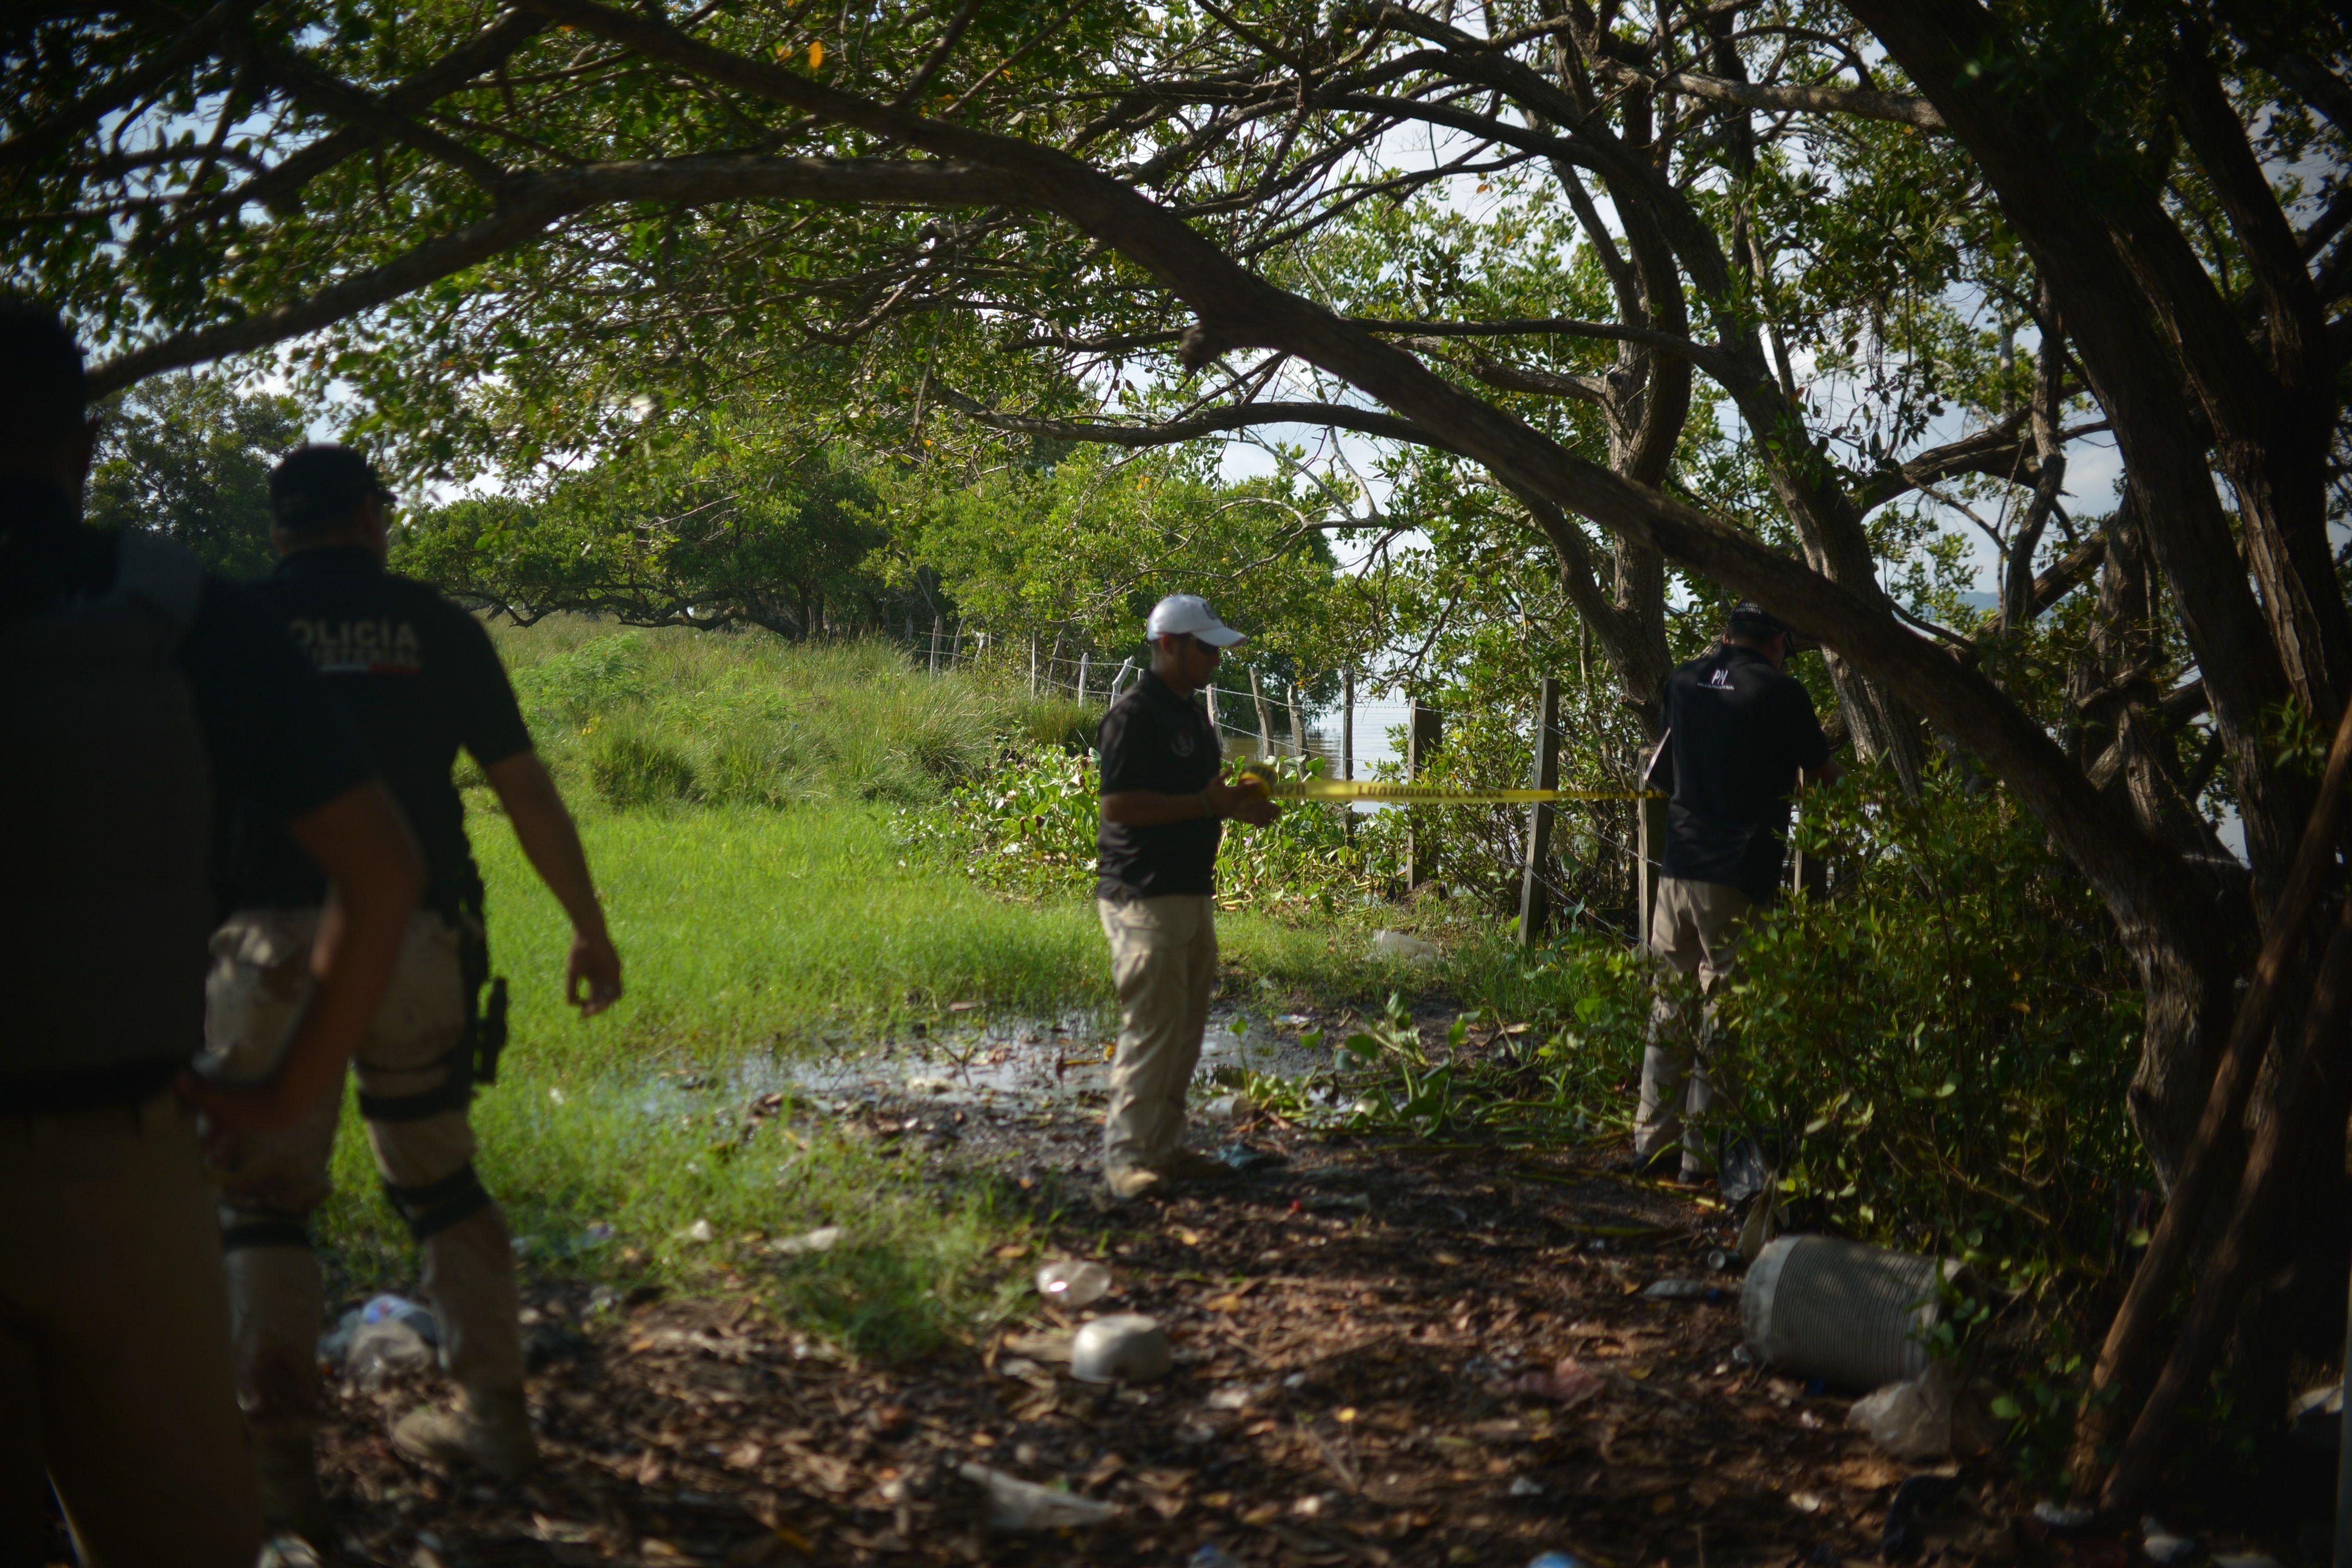 El hallazgo se dio a un costado de la carretera Orizaba Zongolica, en los límites con Los Reyes y a la altura de la Pluma (Foto: Alberto Roa/Cuartoscuro)